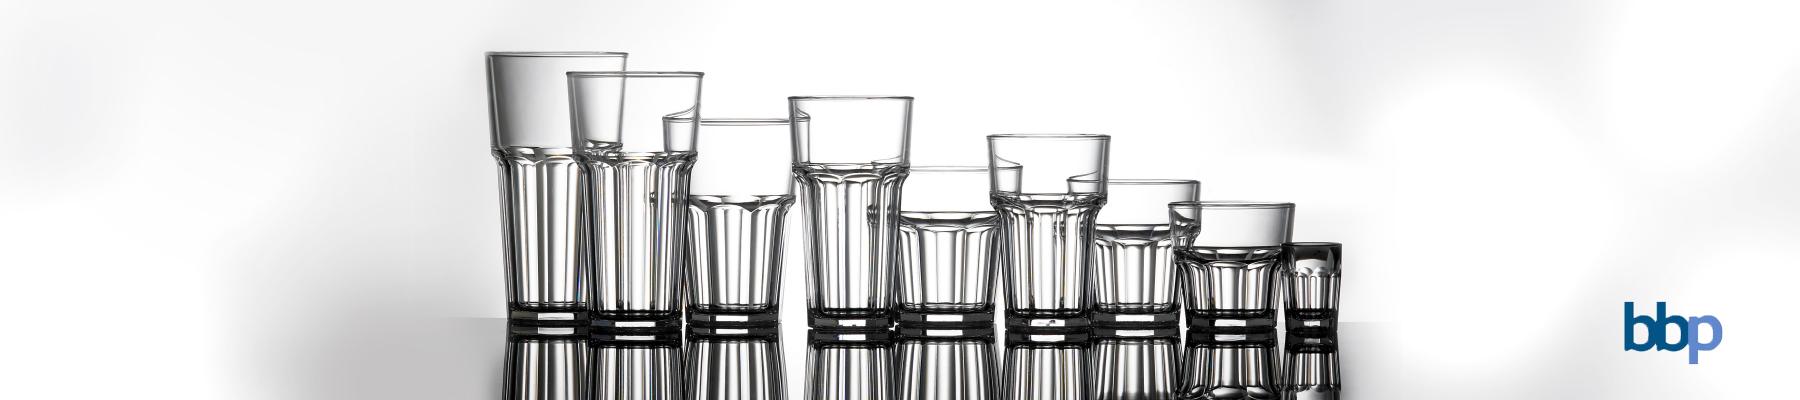 glasses 4 II